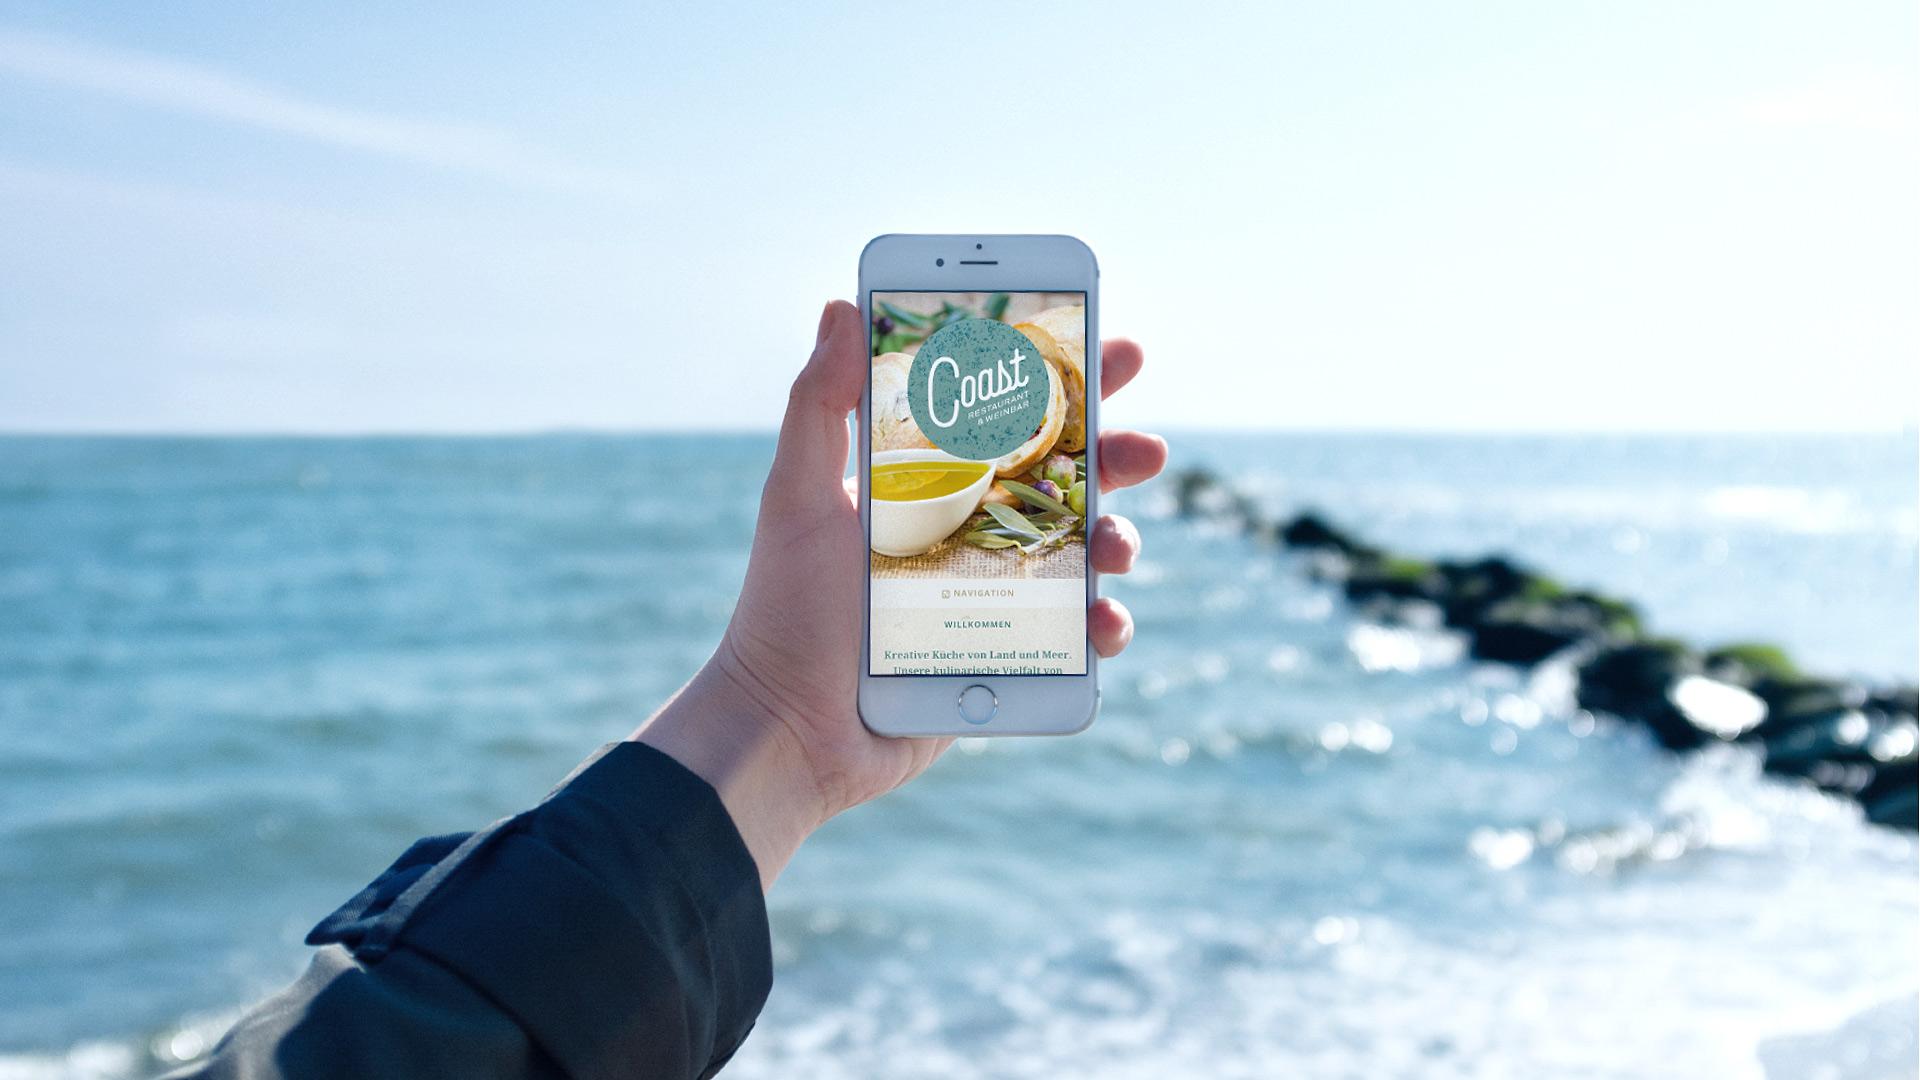 Mobile Website des Restaurant Coast auf einem Smartphone